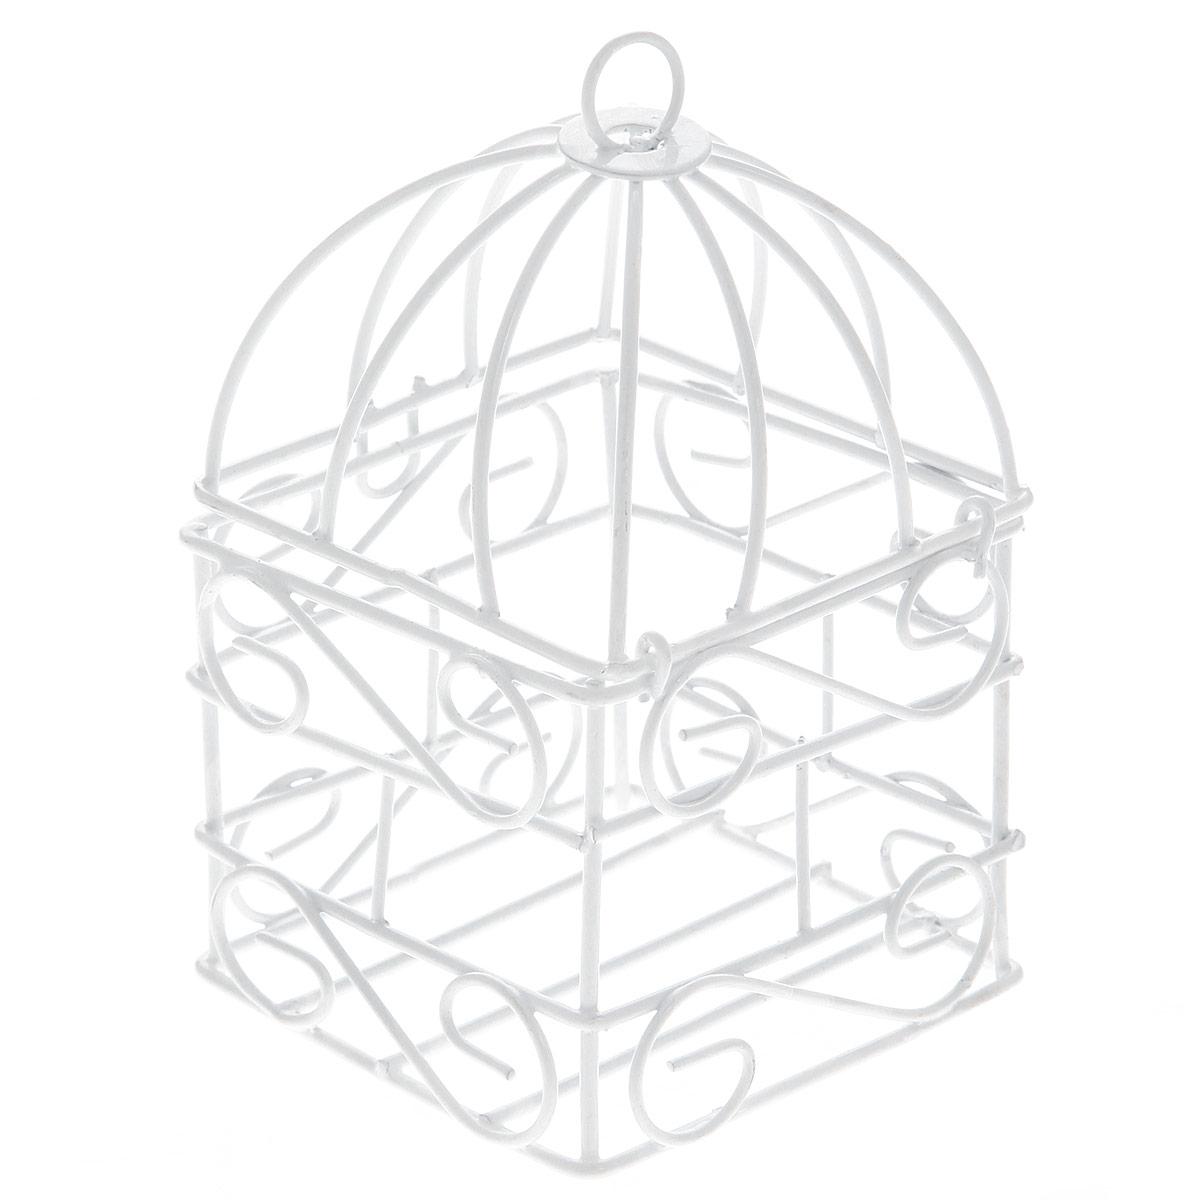 Клетка декоративная ScrapBerrys, цвет: белый, 6 х 6 х 10 смSCB271003Декоративная клетка ScrapBerrys выполнена из высококачественного металла. Изделие украшено изящными коваными узорами. Изделие оснащено крышкой, которая закрывается на специальный замок. На крышке имеется крючок, за который клетку можно повесить в любое удобное место. Такая клетка подойдет для декора интерьера дома или офиса. Кроме того - это отличный вариант подарка для ваших близких и друзей.